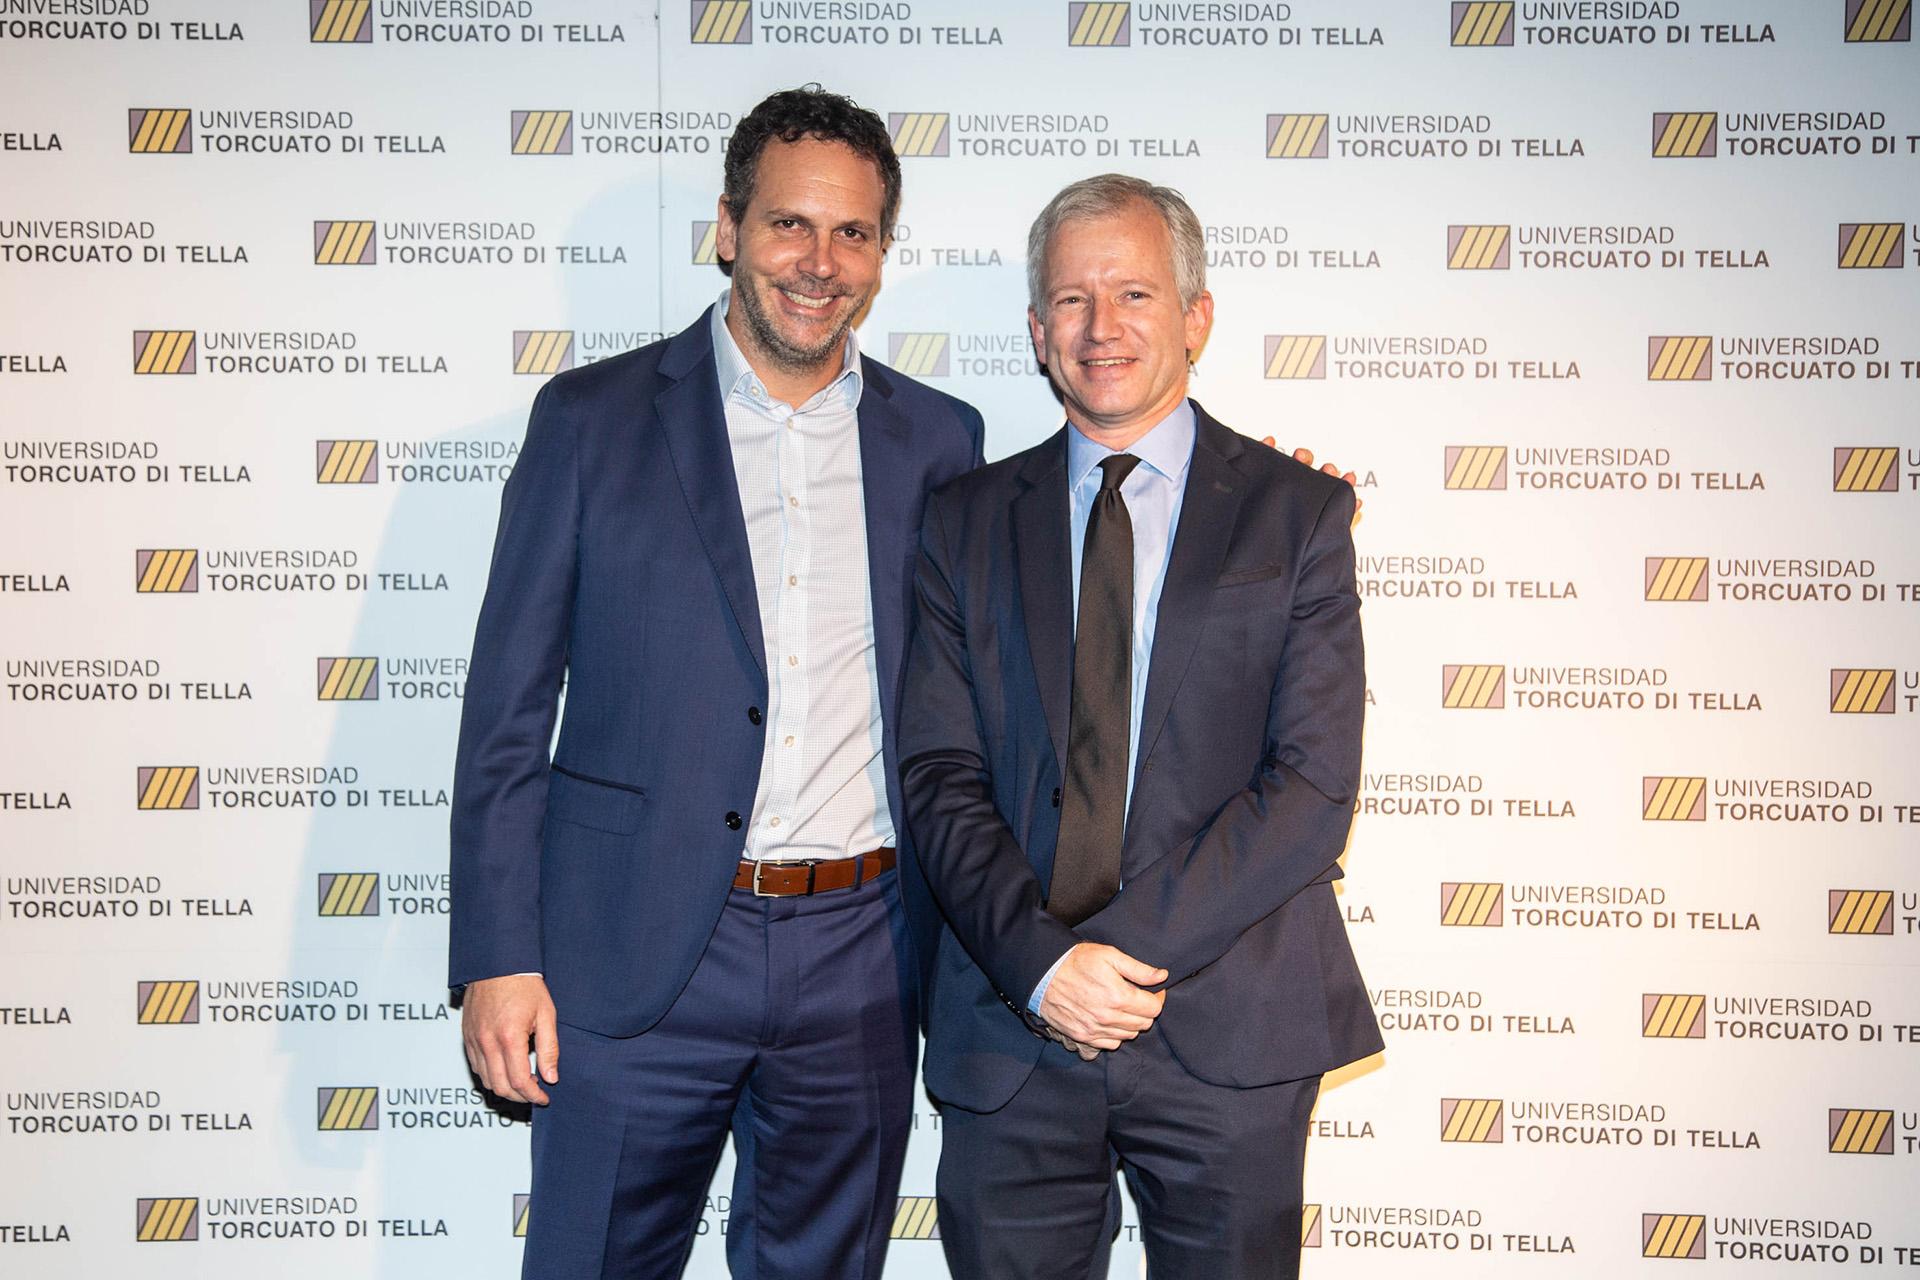 El presidente del Banco Central, Guido Sandleris, y Schargrodsky